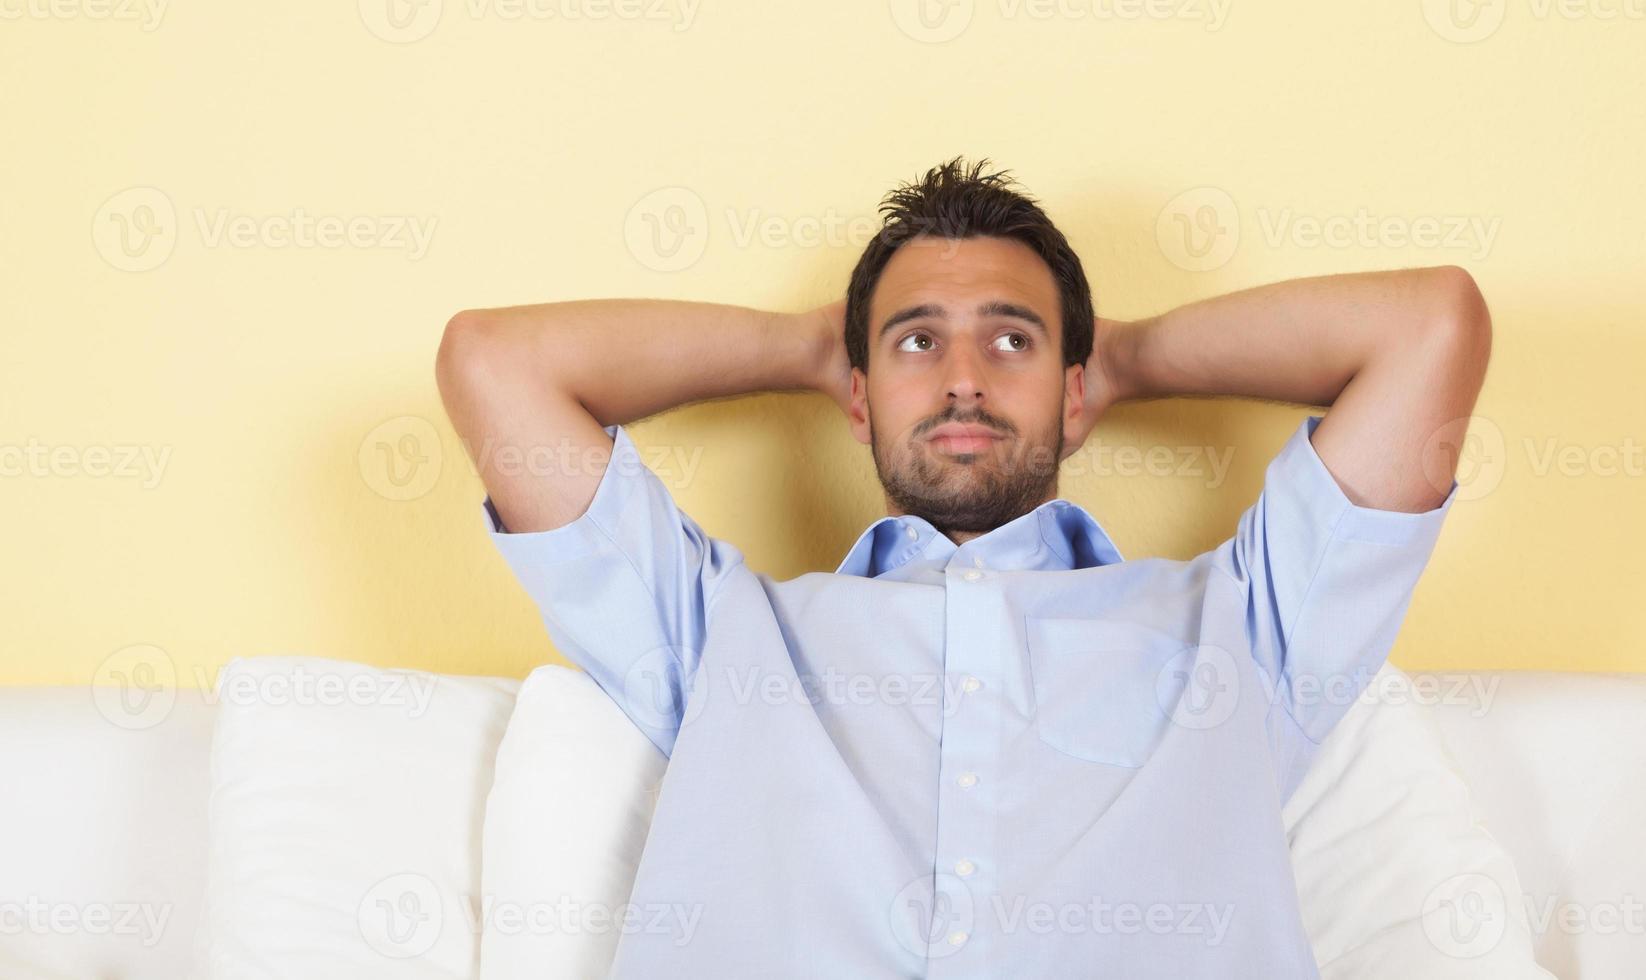 nachdenklicher lateinamerikanischer Mann auf einem Sofa foto